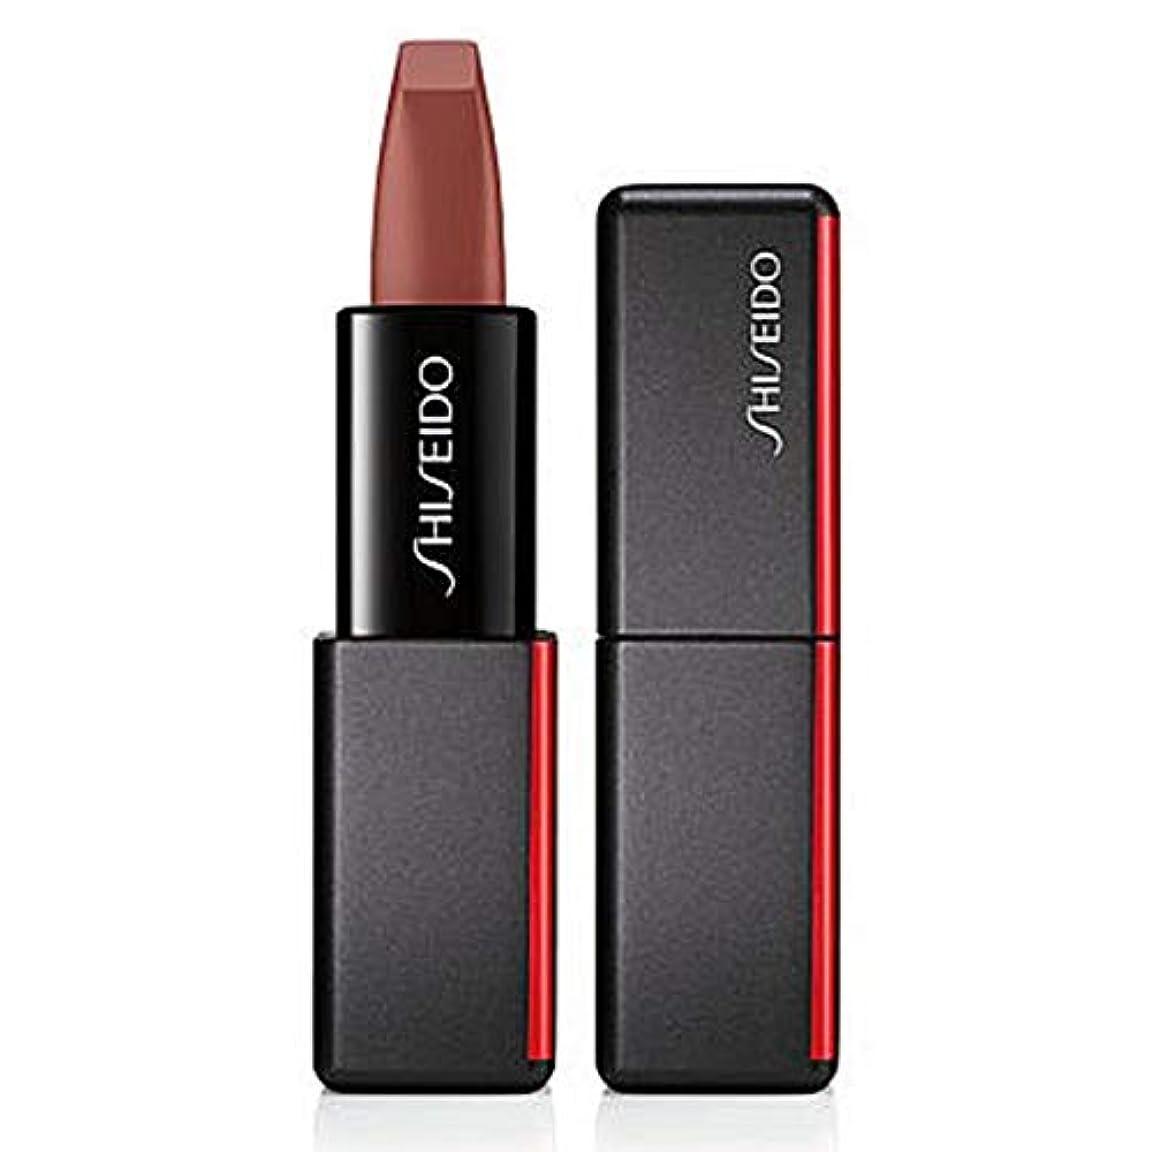 変数顧問脅威資生堂 ModernMatte Powder Lipstick - # 507 Murmur (Rosewood) 4g/0.14oz並行輸入品